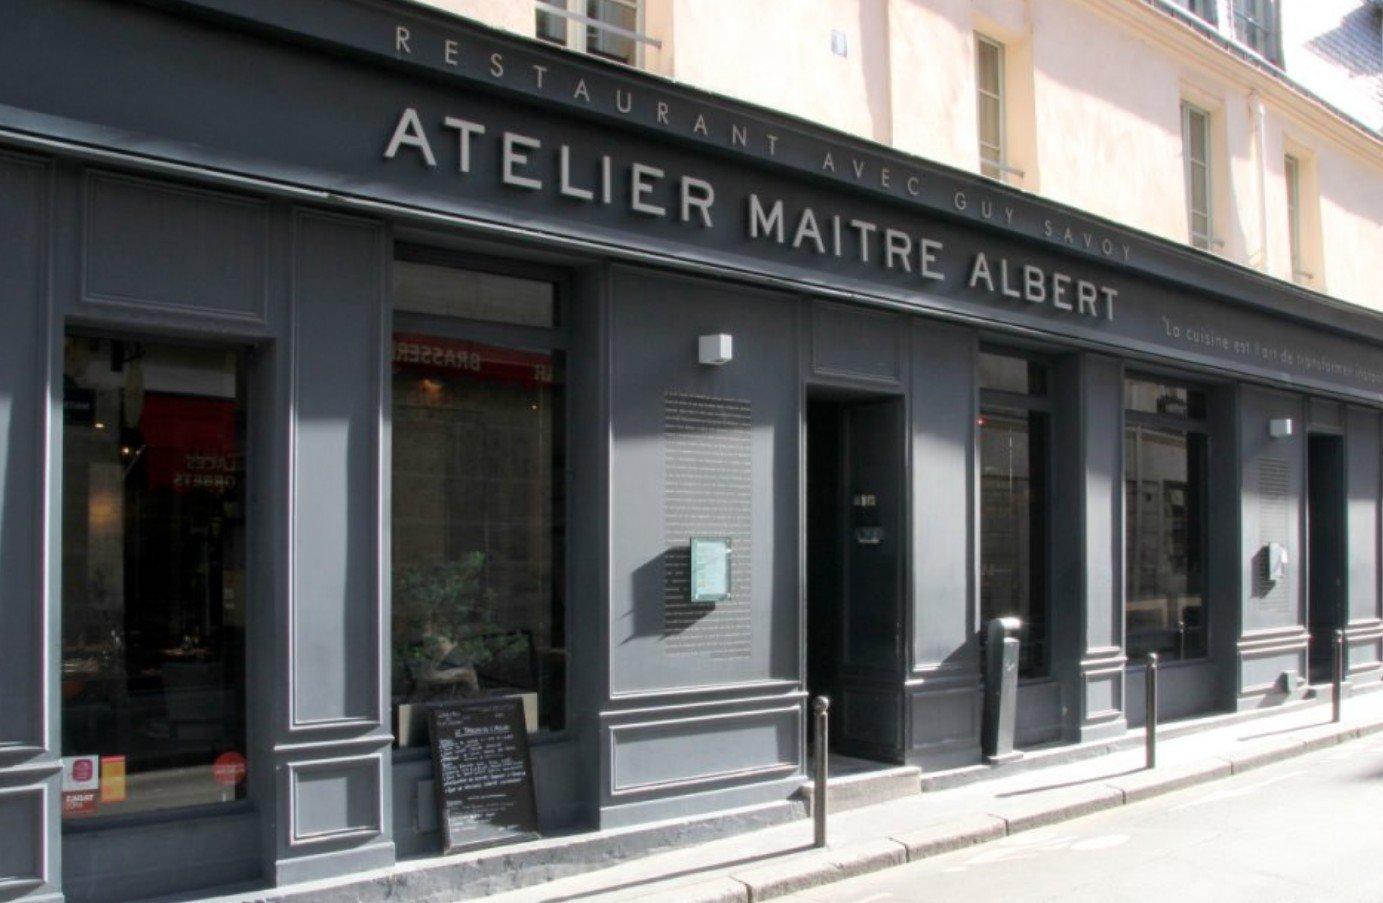 Repas entreprise Rôtisserie gastronomique Paris 5 restaurant groupe PARIS 5 75